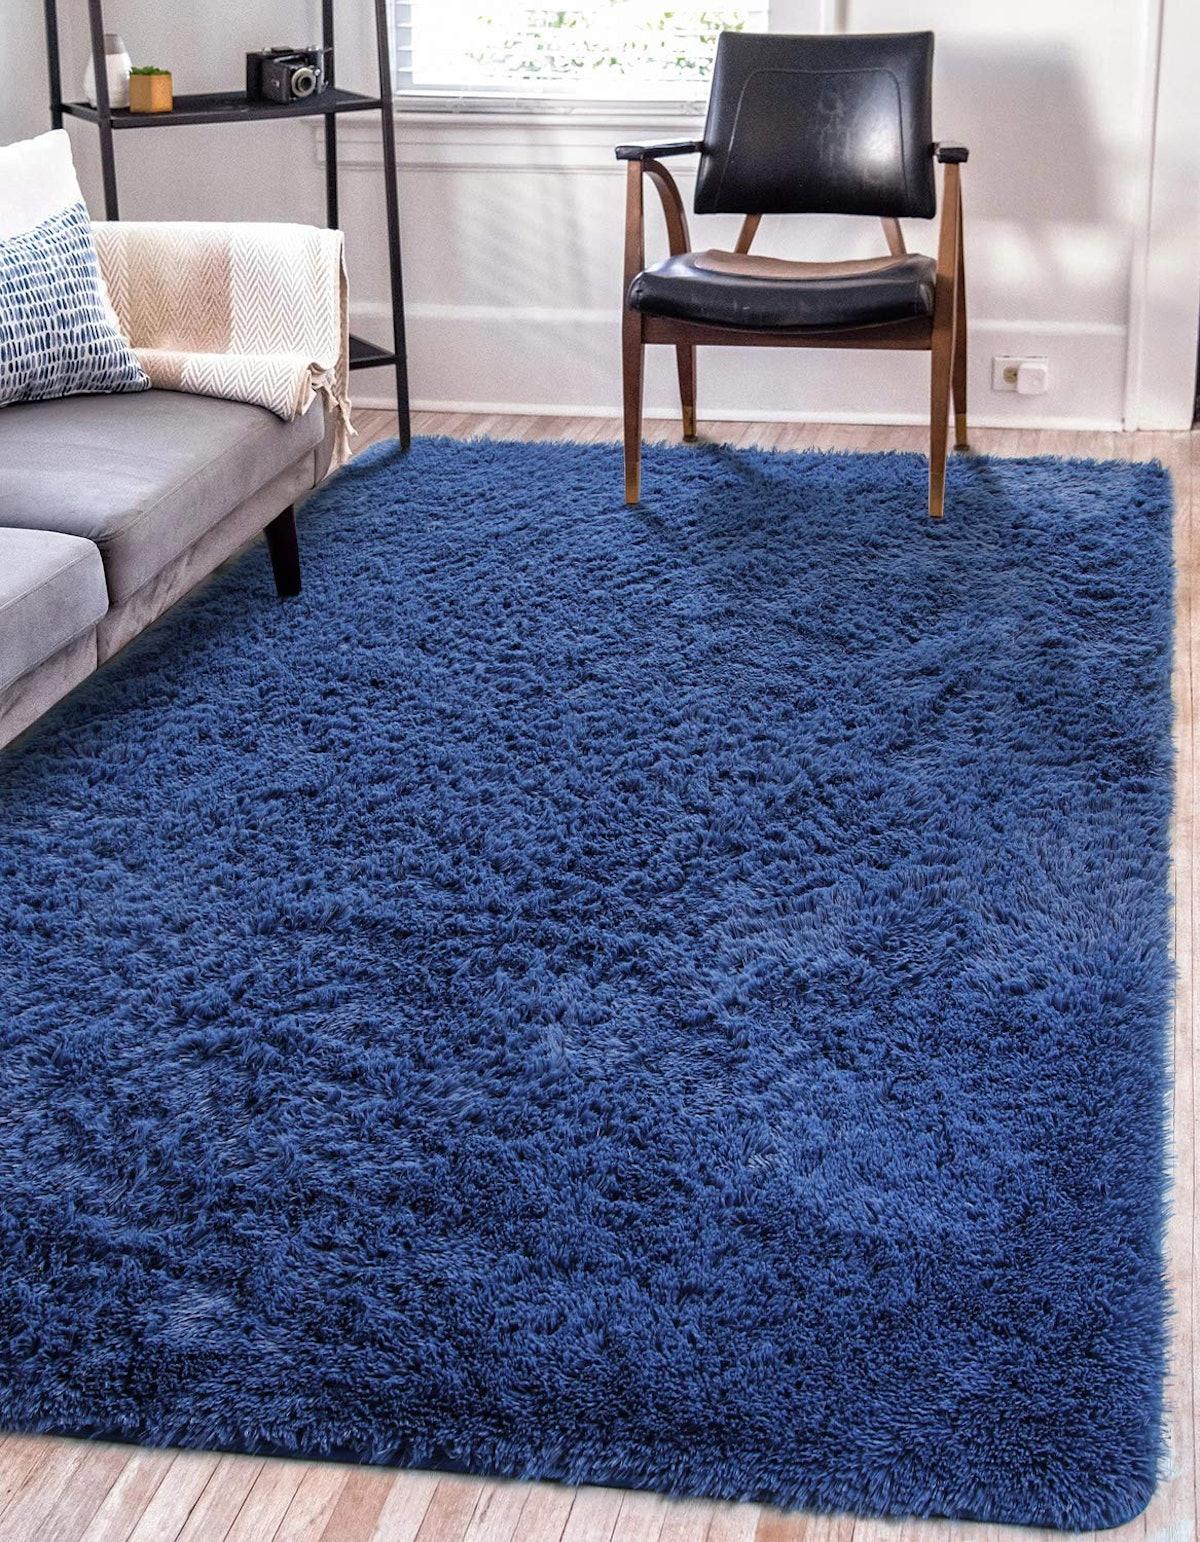 LOCHAS Luxury Velvet Carpet